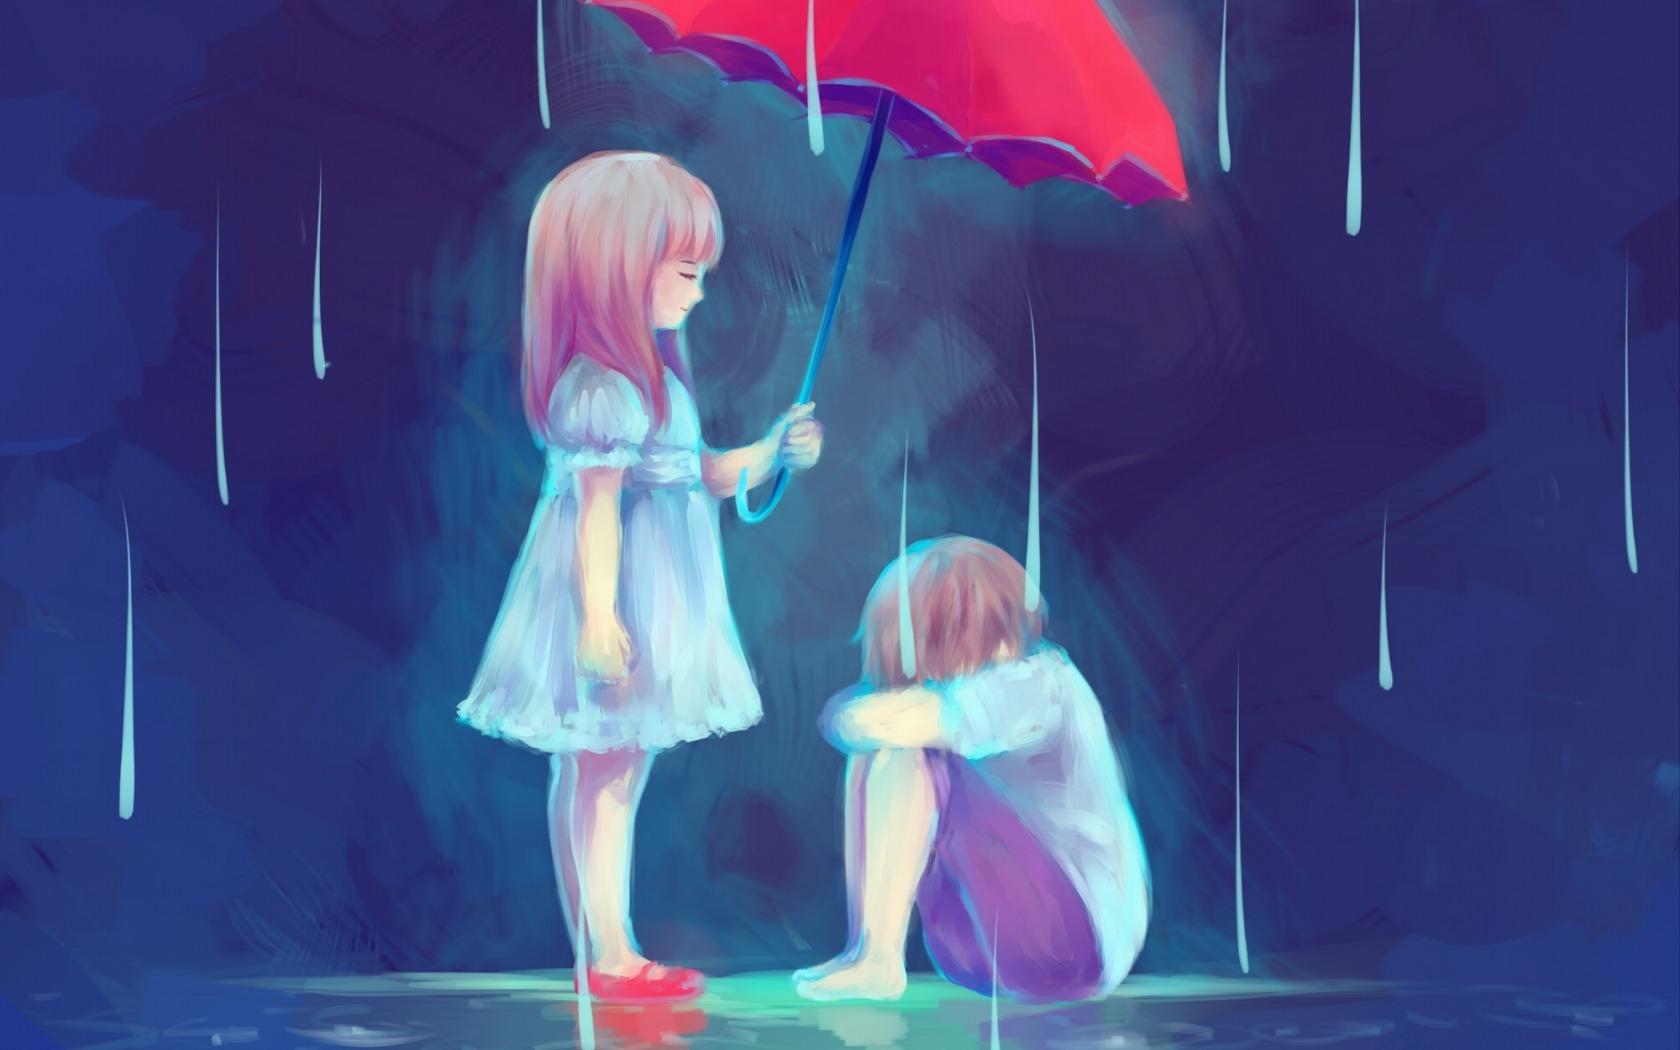 Ảnh đôi Anime siêu tình cảm